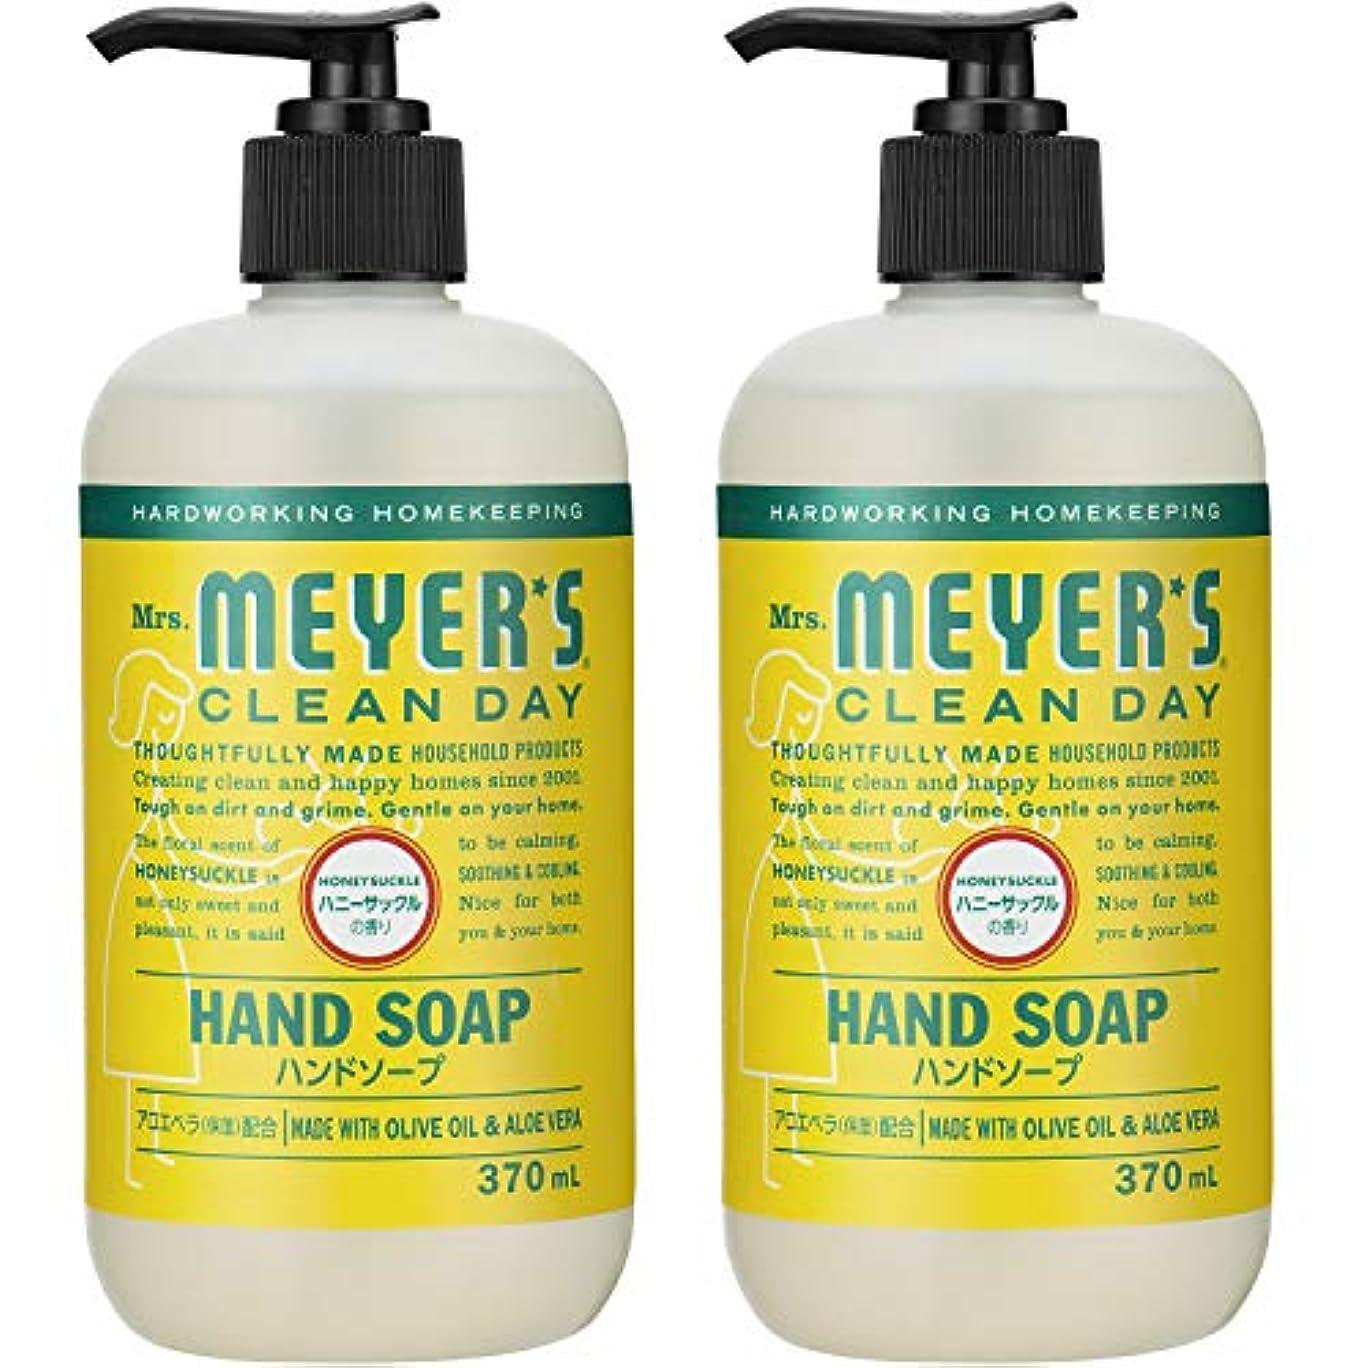 確認してくださいパンチ所有権Mrs. MEYER'S CLEAN DAY(ミセスマイヤーズ クリーンデイ) ミセスマイヤーズ クリーンデイ(Mrs.Meyers Clean Day) ハンドソープ ハニーサックルの香り 370ml×2個